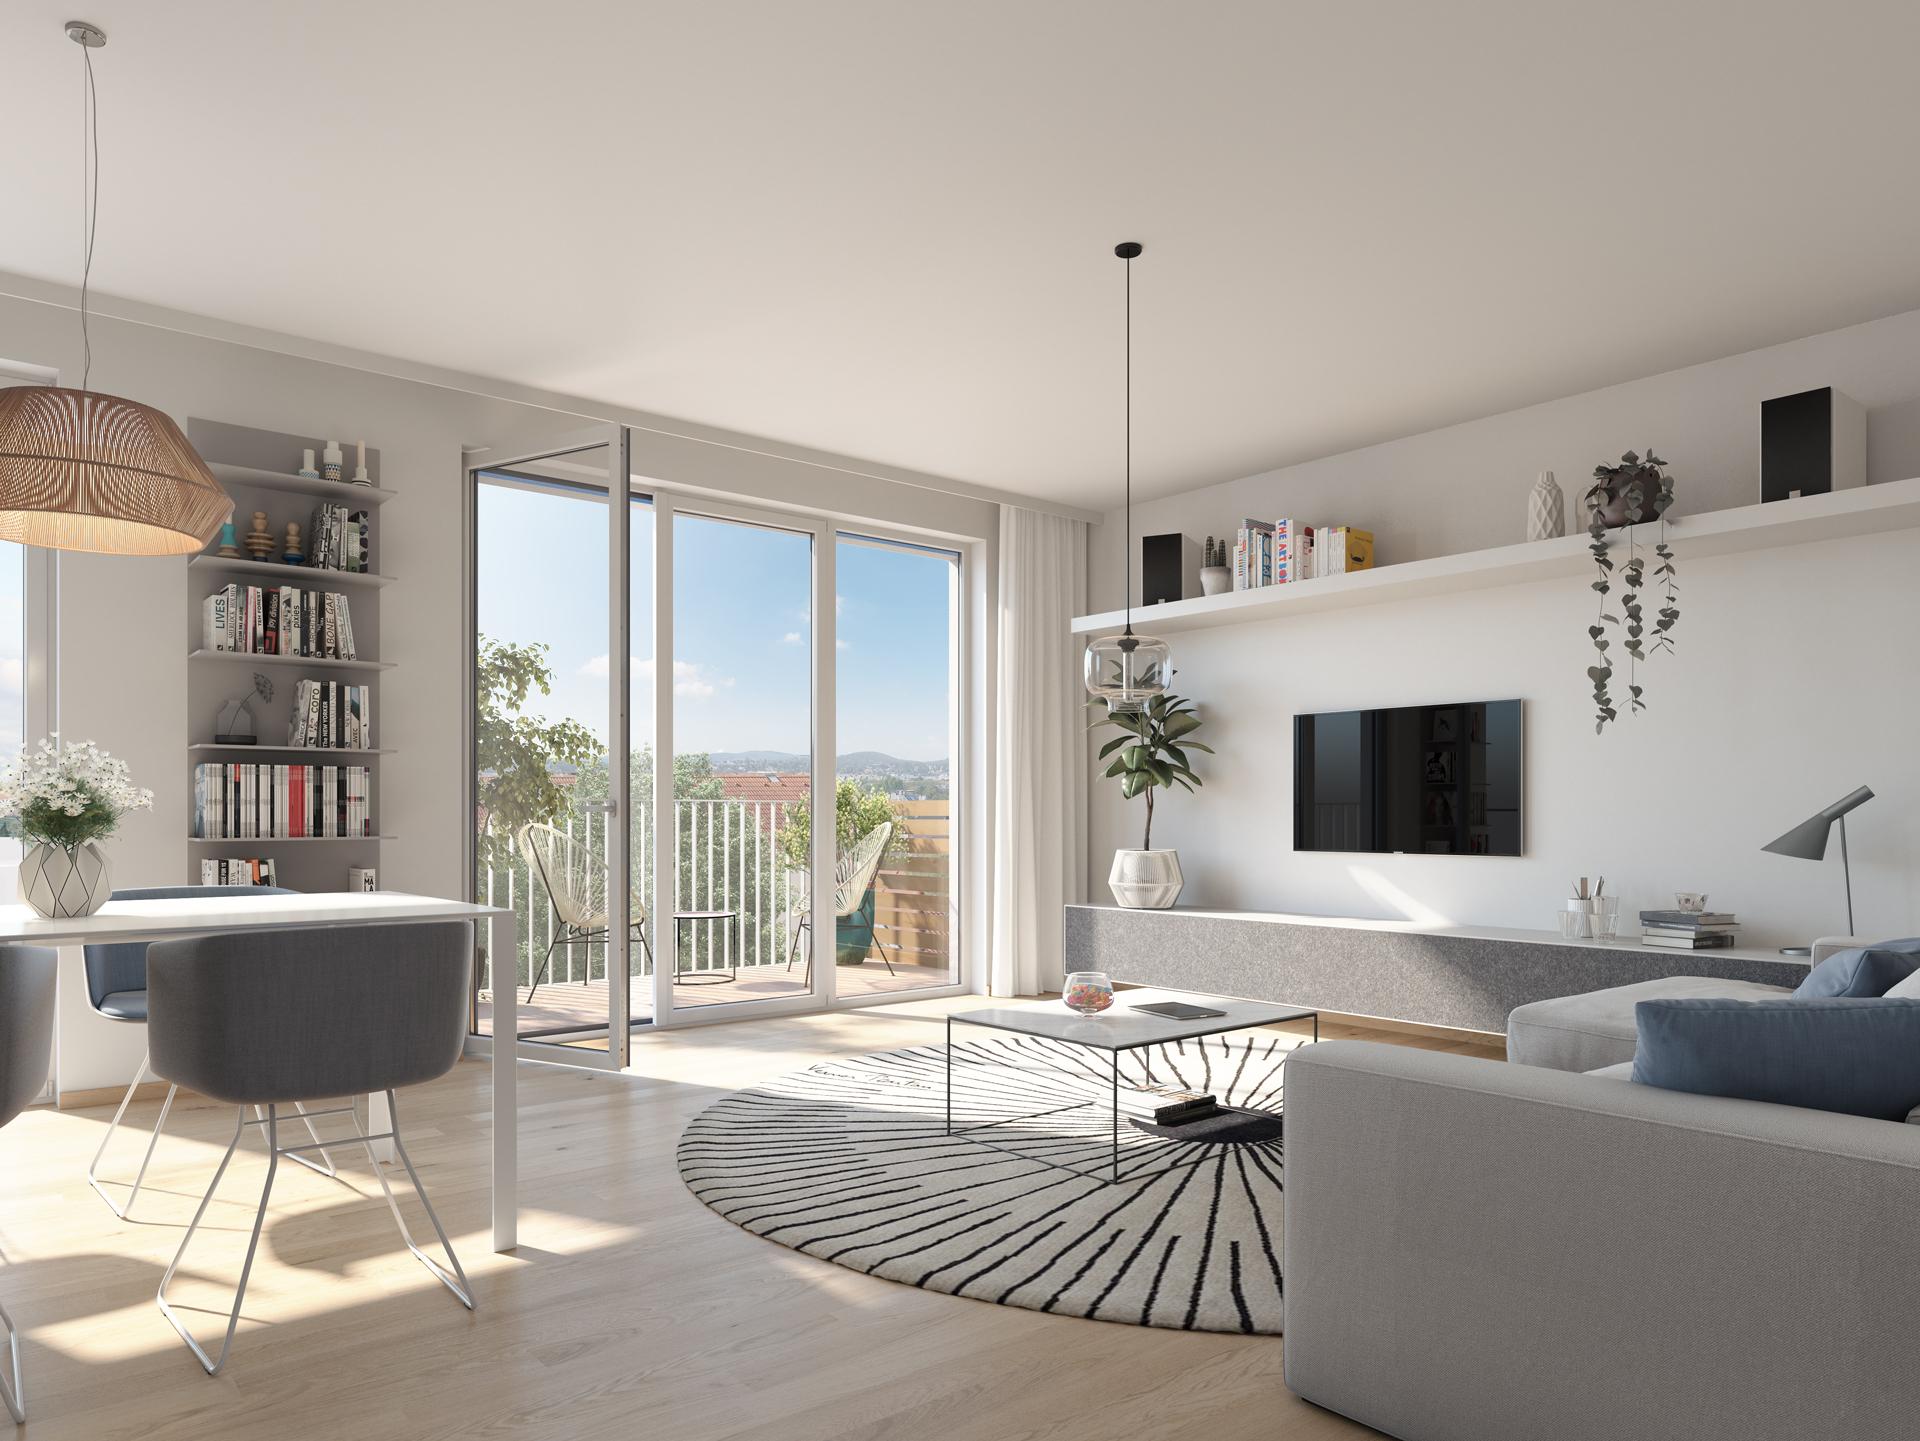 Bendlgasse 33 Wohnzimmer Mit Balkon Top 238